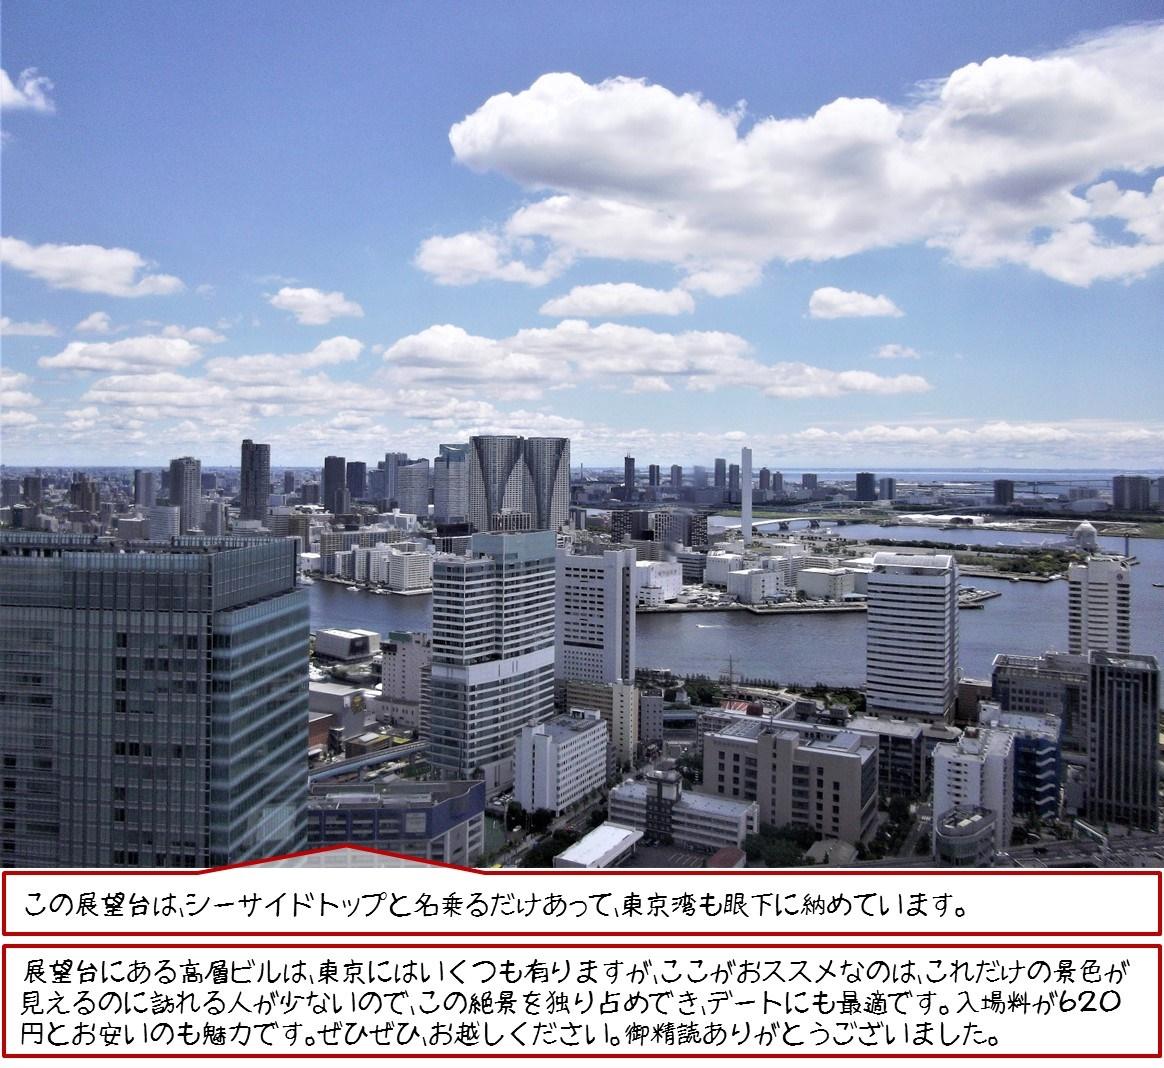 この展望台は、シーサイドトップと名乗るだけあって、東京湾も眼下に納めています。 展望台にある高層ビルは、東京にはいくつも有りますが、ここがおススメなのは、これだけの景色が見えるのに訪れる人が少ないので、この絶景を独り占めでき、デートにも最適です。  入場料が620円とお安いのも魅力です。 ぜひぜひ、お越しください。  御精読ありがとうございました。